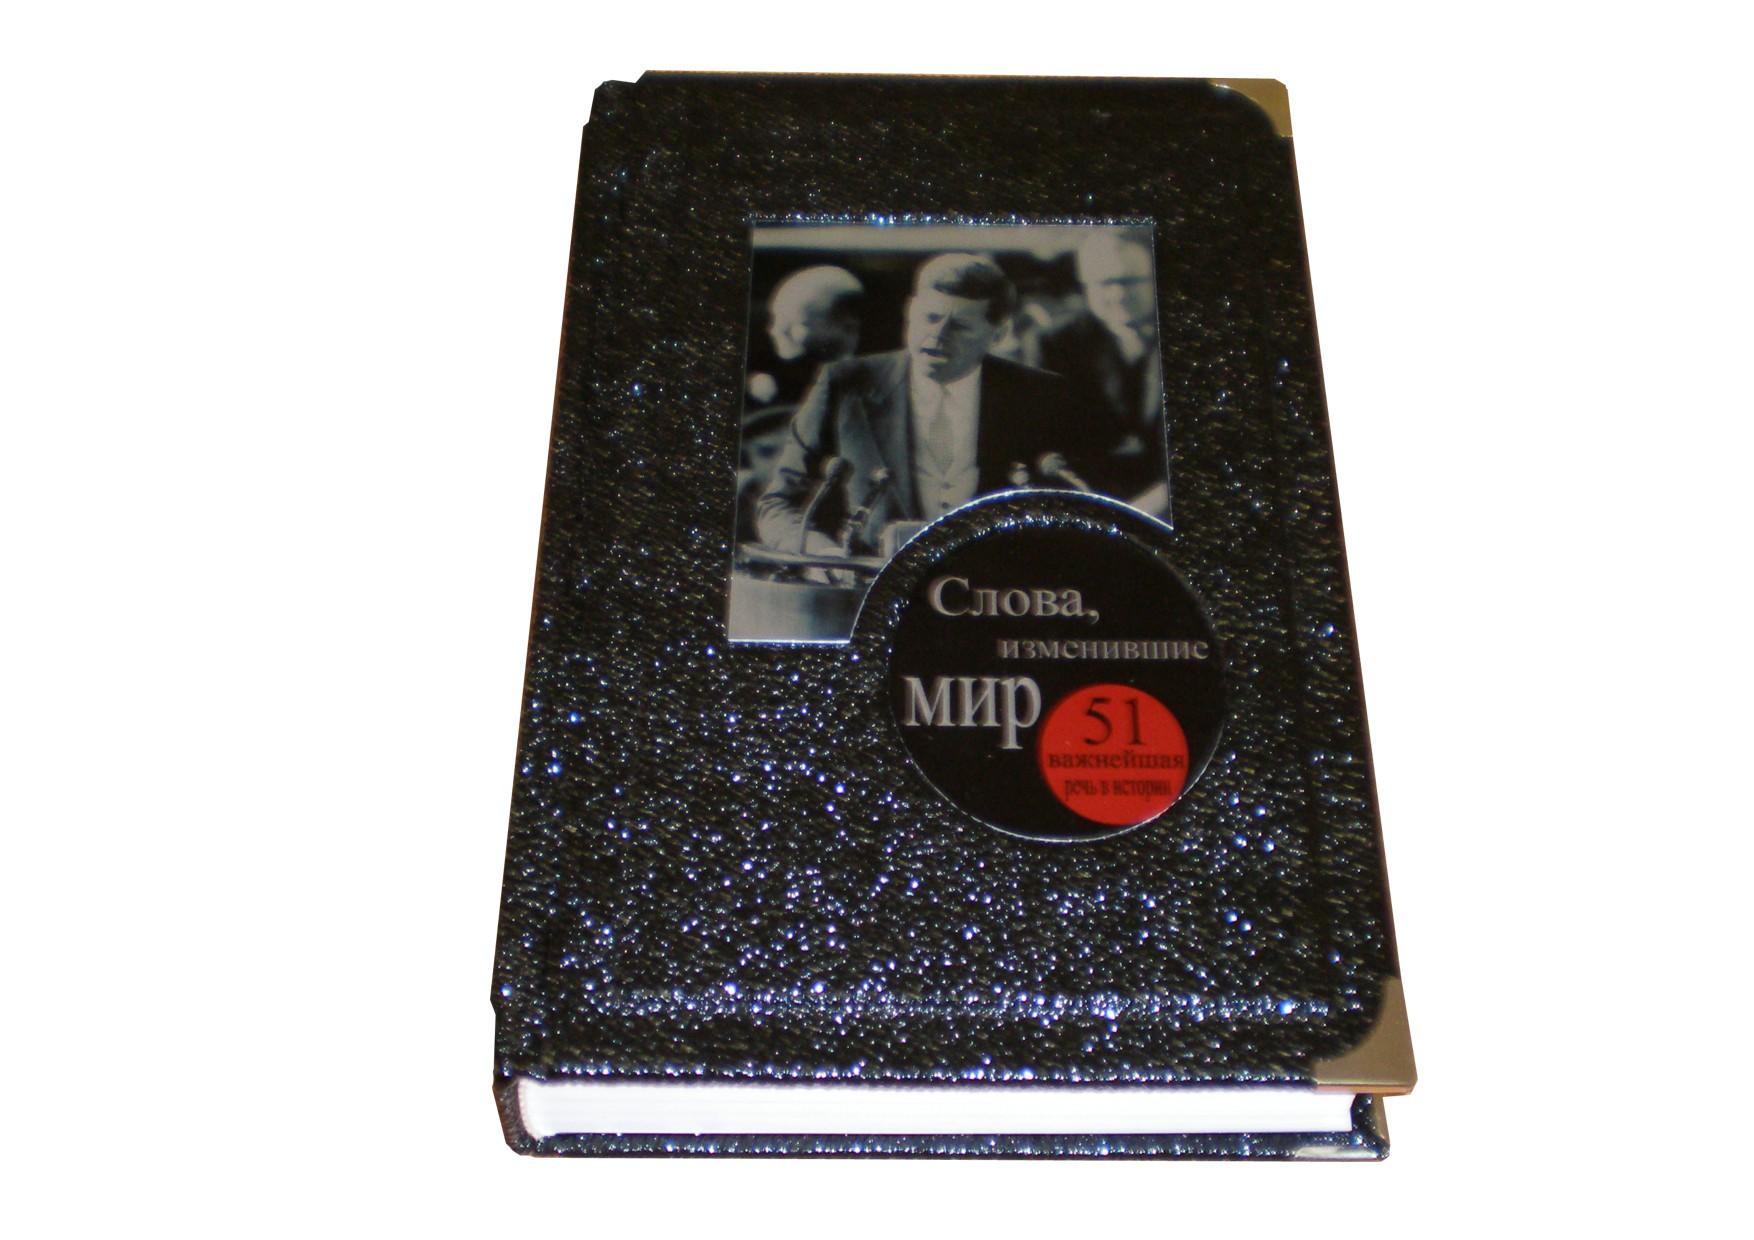 Книга Слова, изменившие мир (кожа в мешочке)